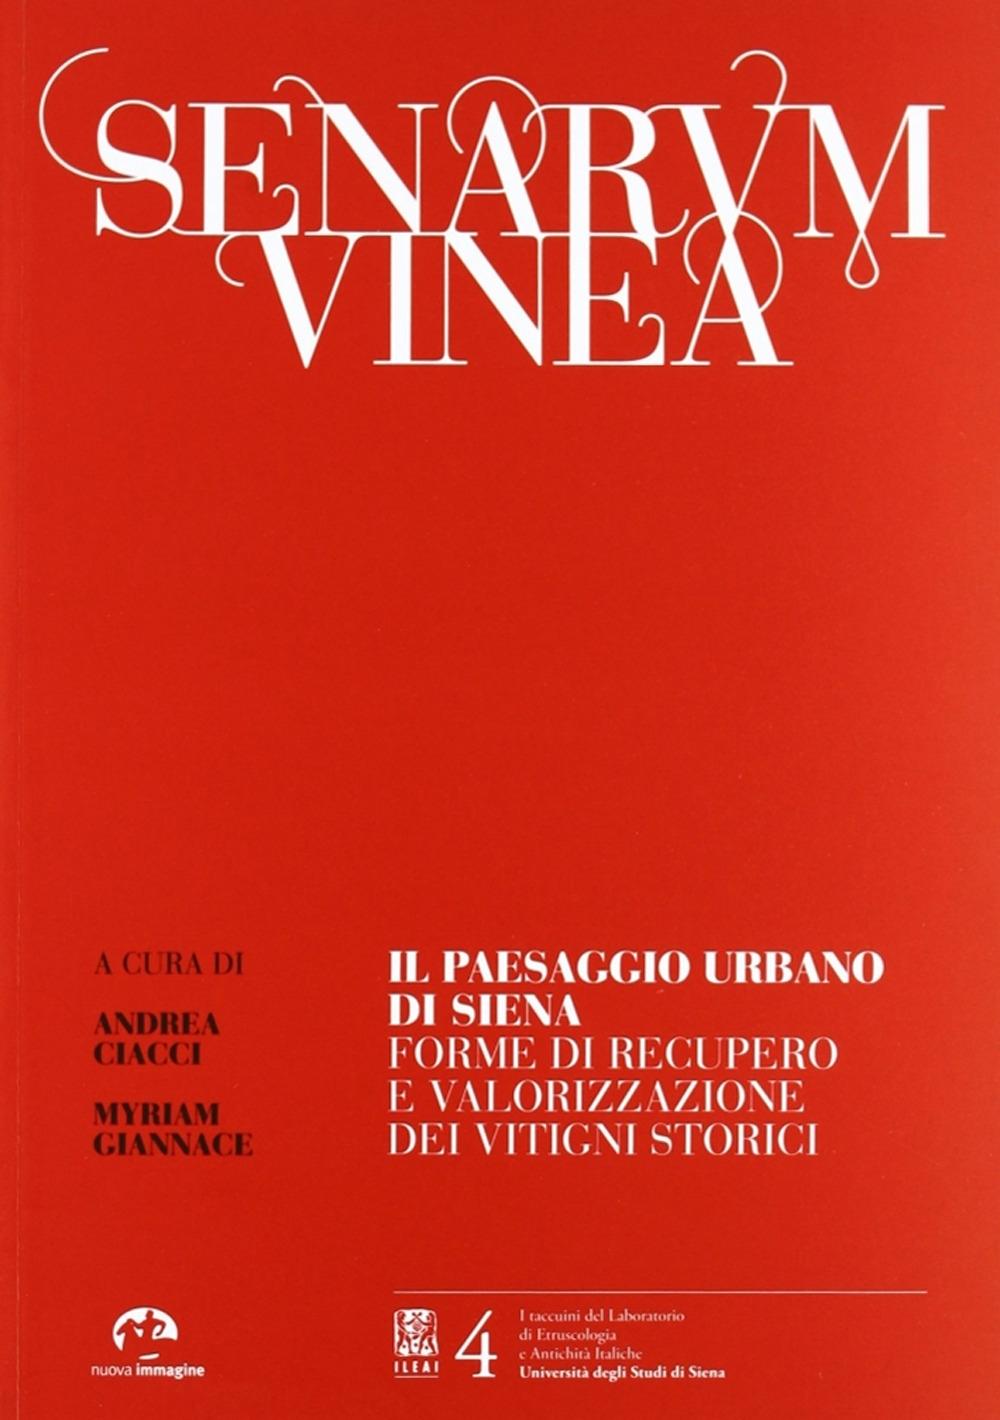 Senarum Vinea. Il Paseaggio Urbano di Siena. Forme di Recupero e Valorizzazione dei Vitigni Storici